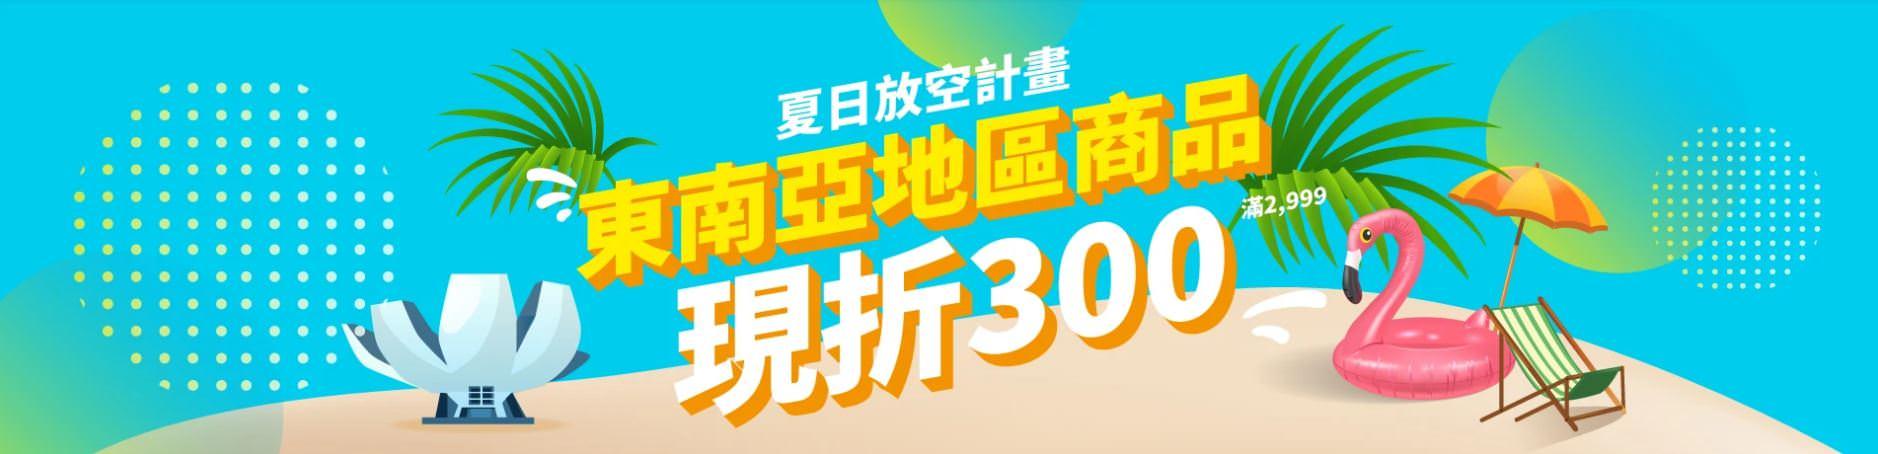 10/15更新!【線上折扣大放送】熱門行程、景點及交通票券、4G Wifi上網線上優惠碼! - threeonelee.com